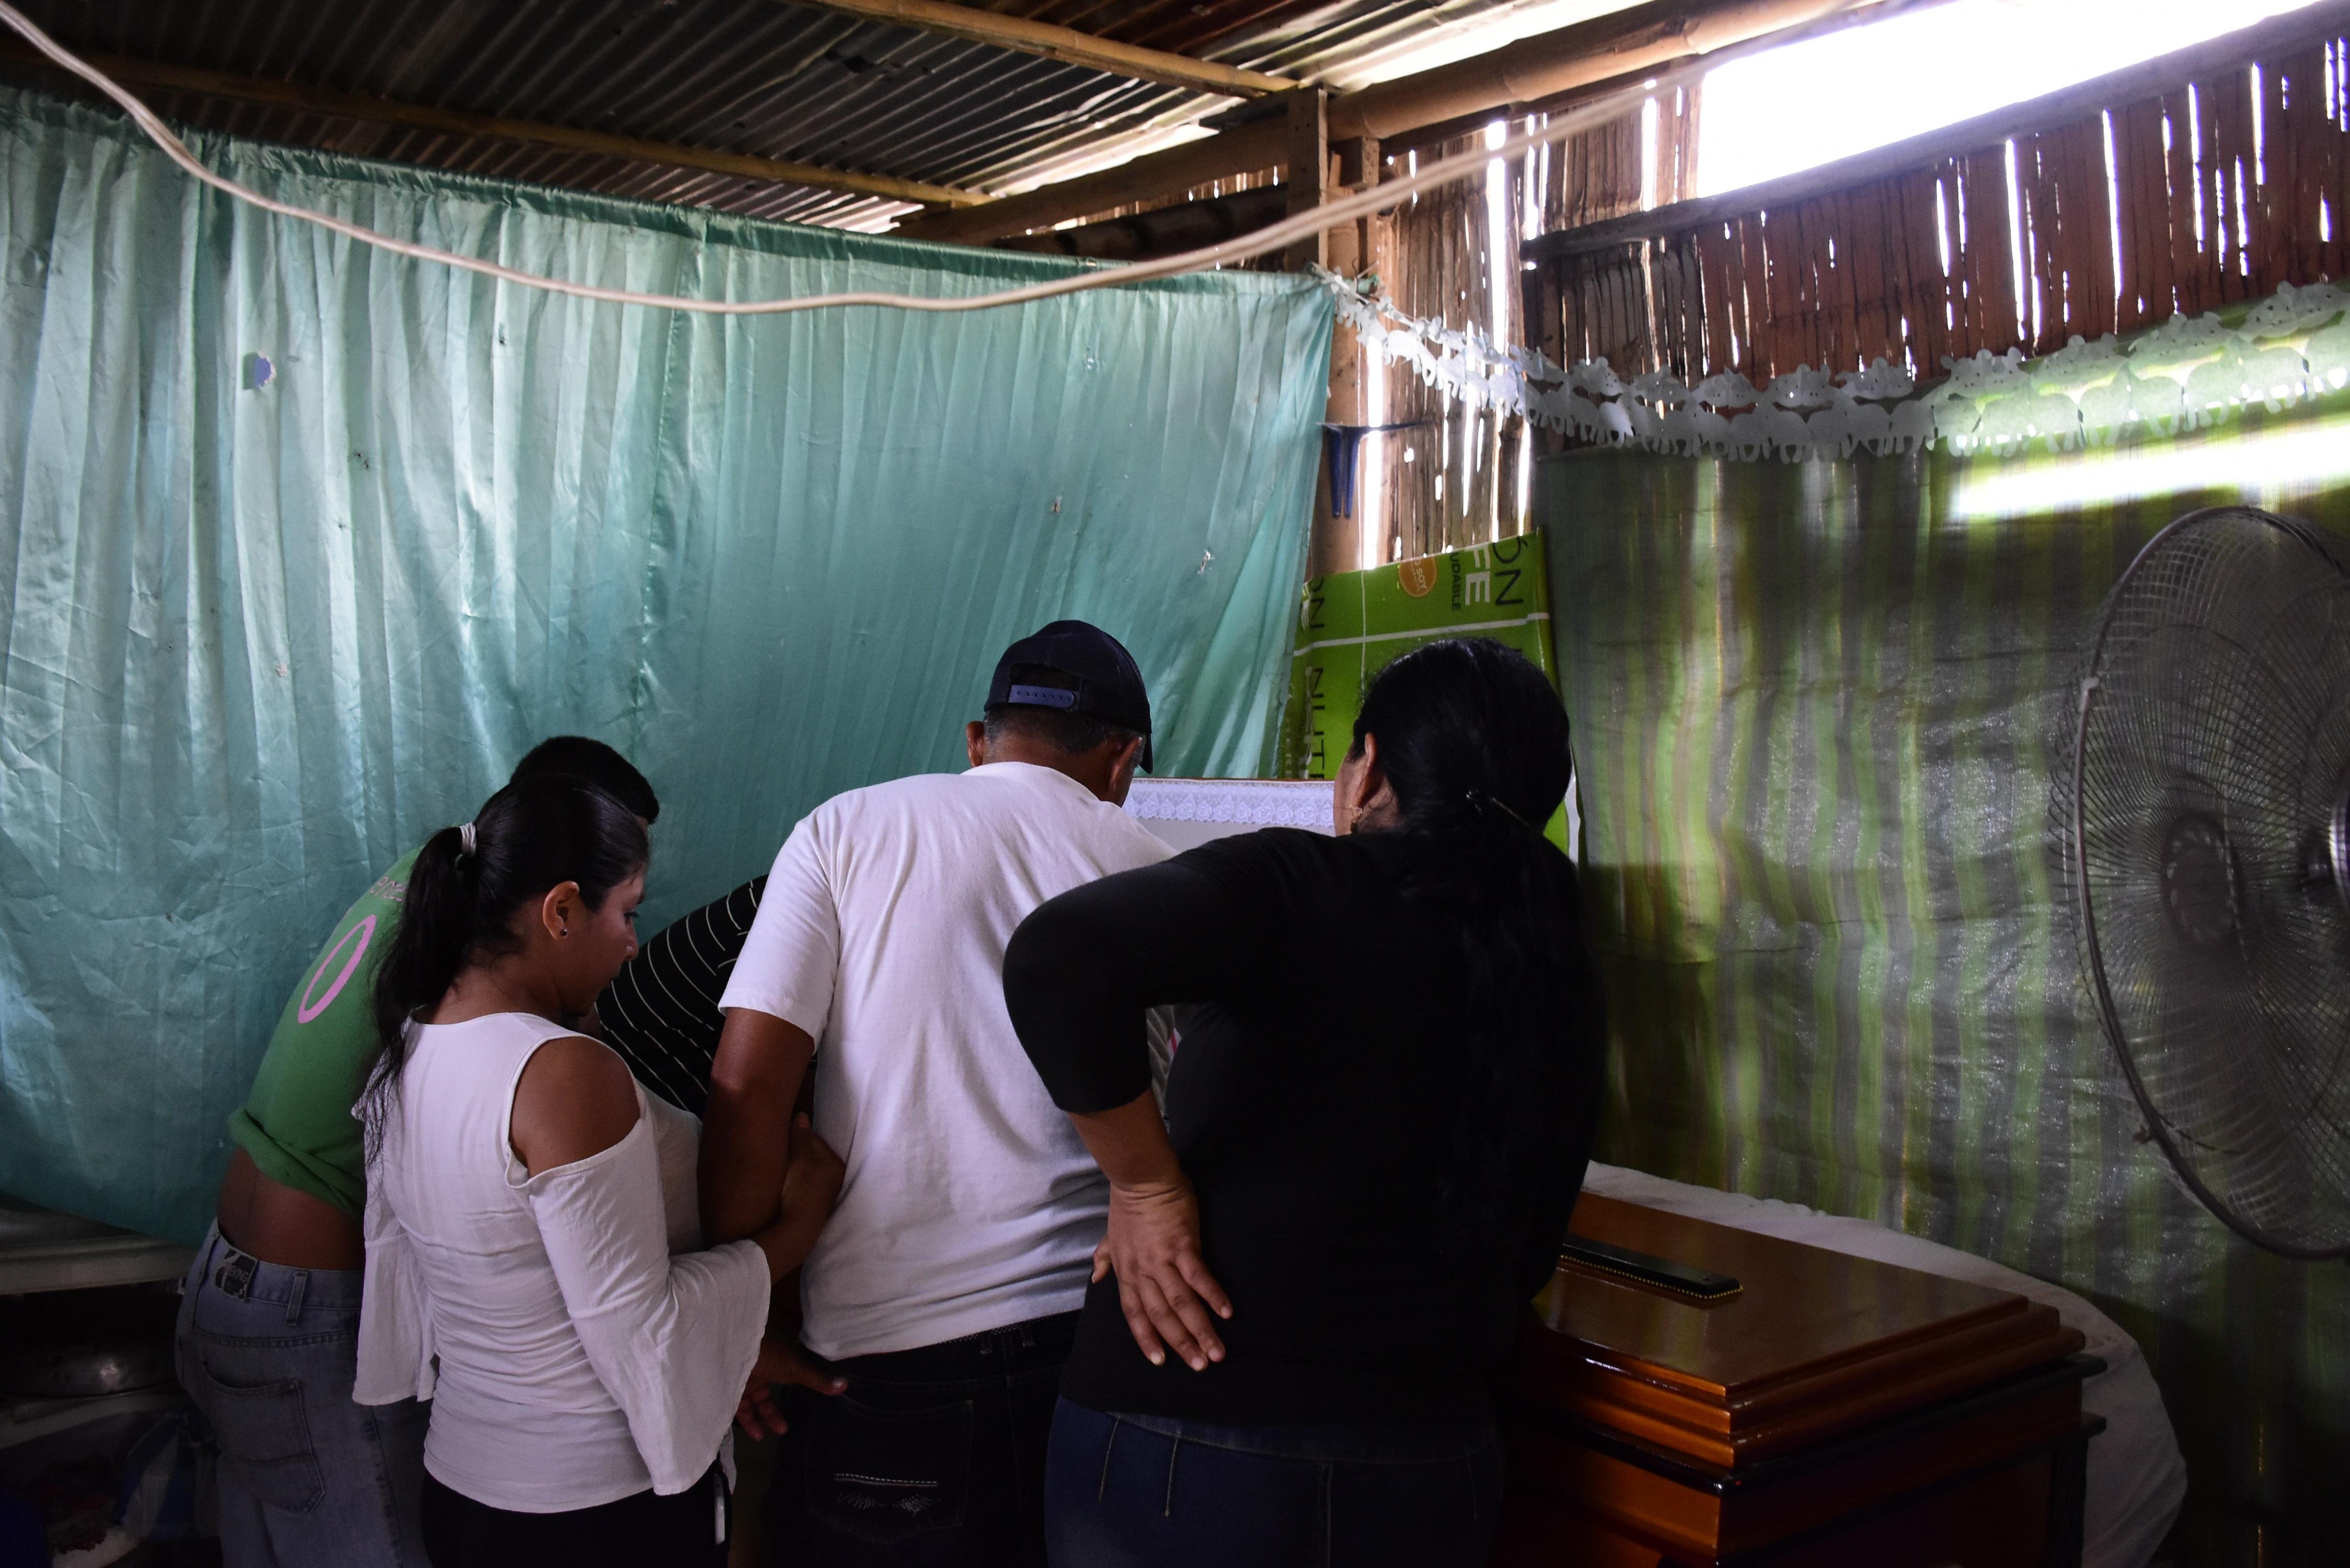 PORTOVIEJO: Abuelito muere tras ser golpeado por su nieto